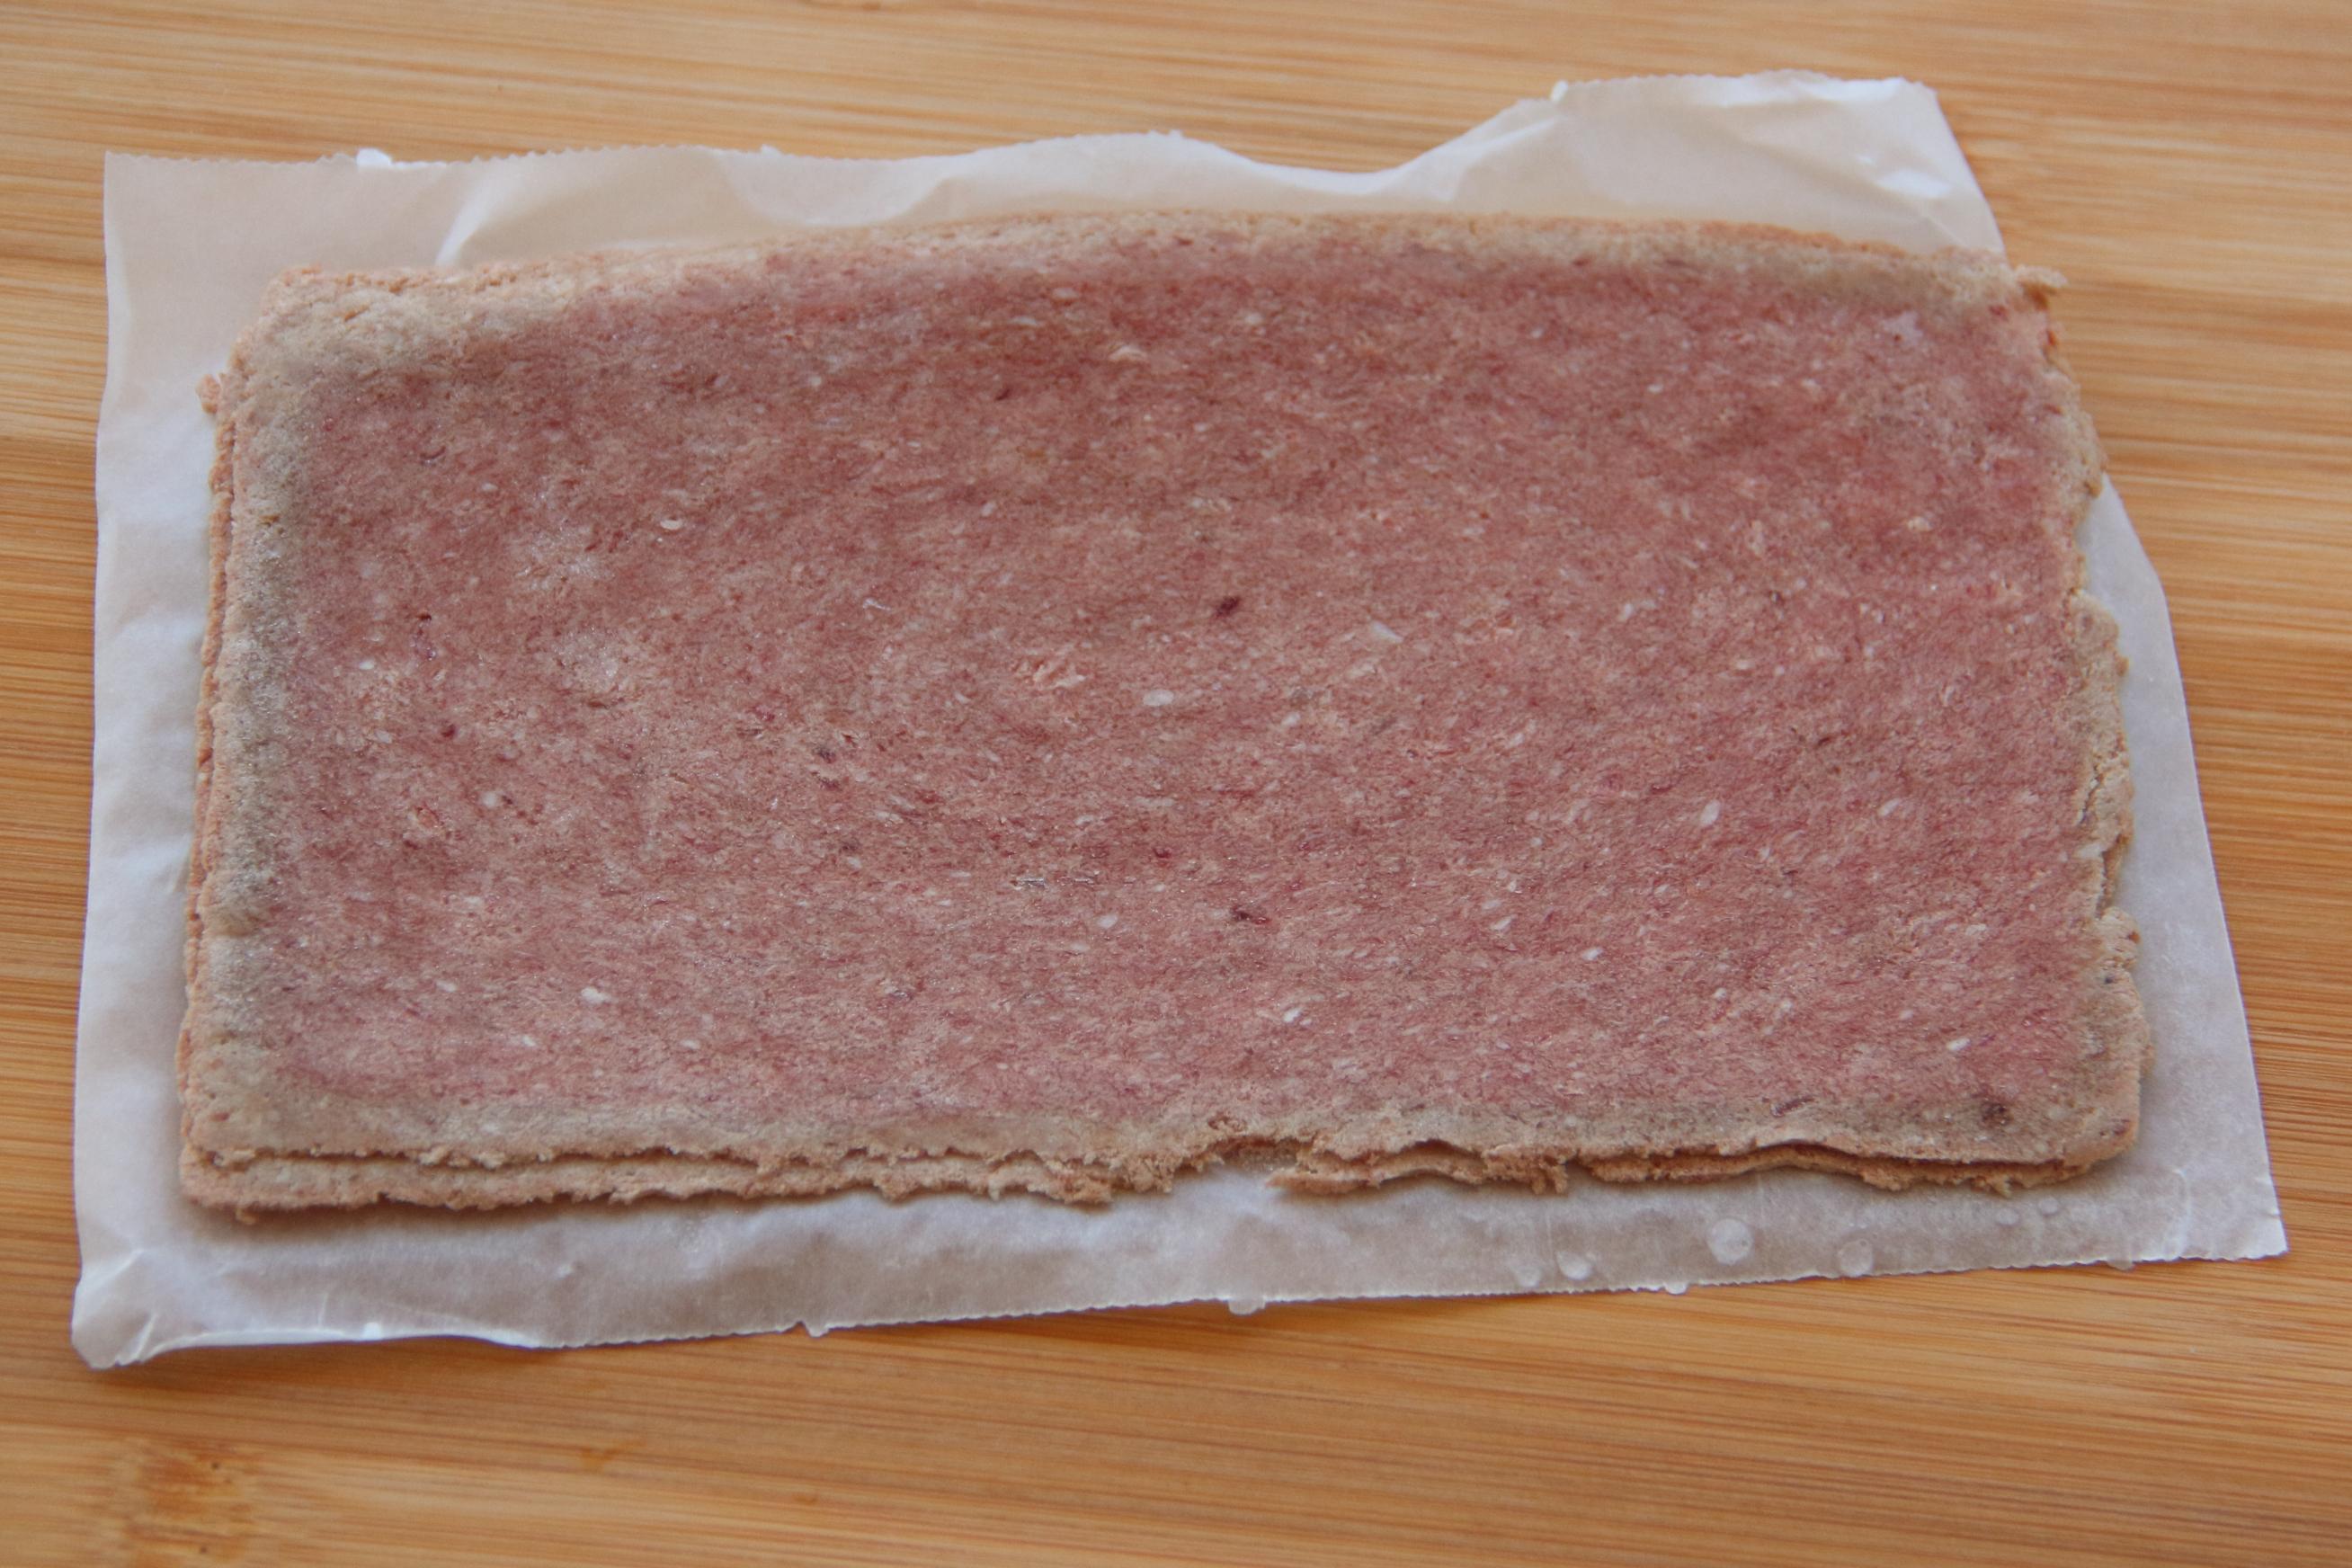 Steak-umm_frozen,_May_2020.jpg